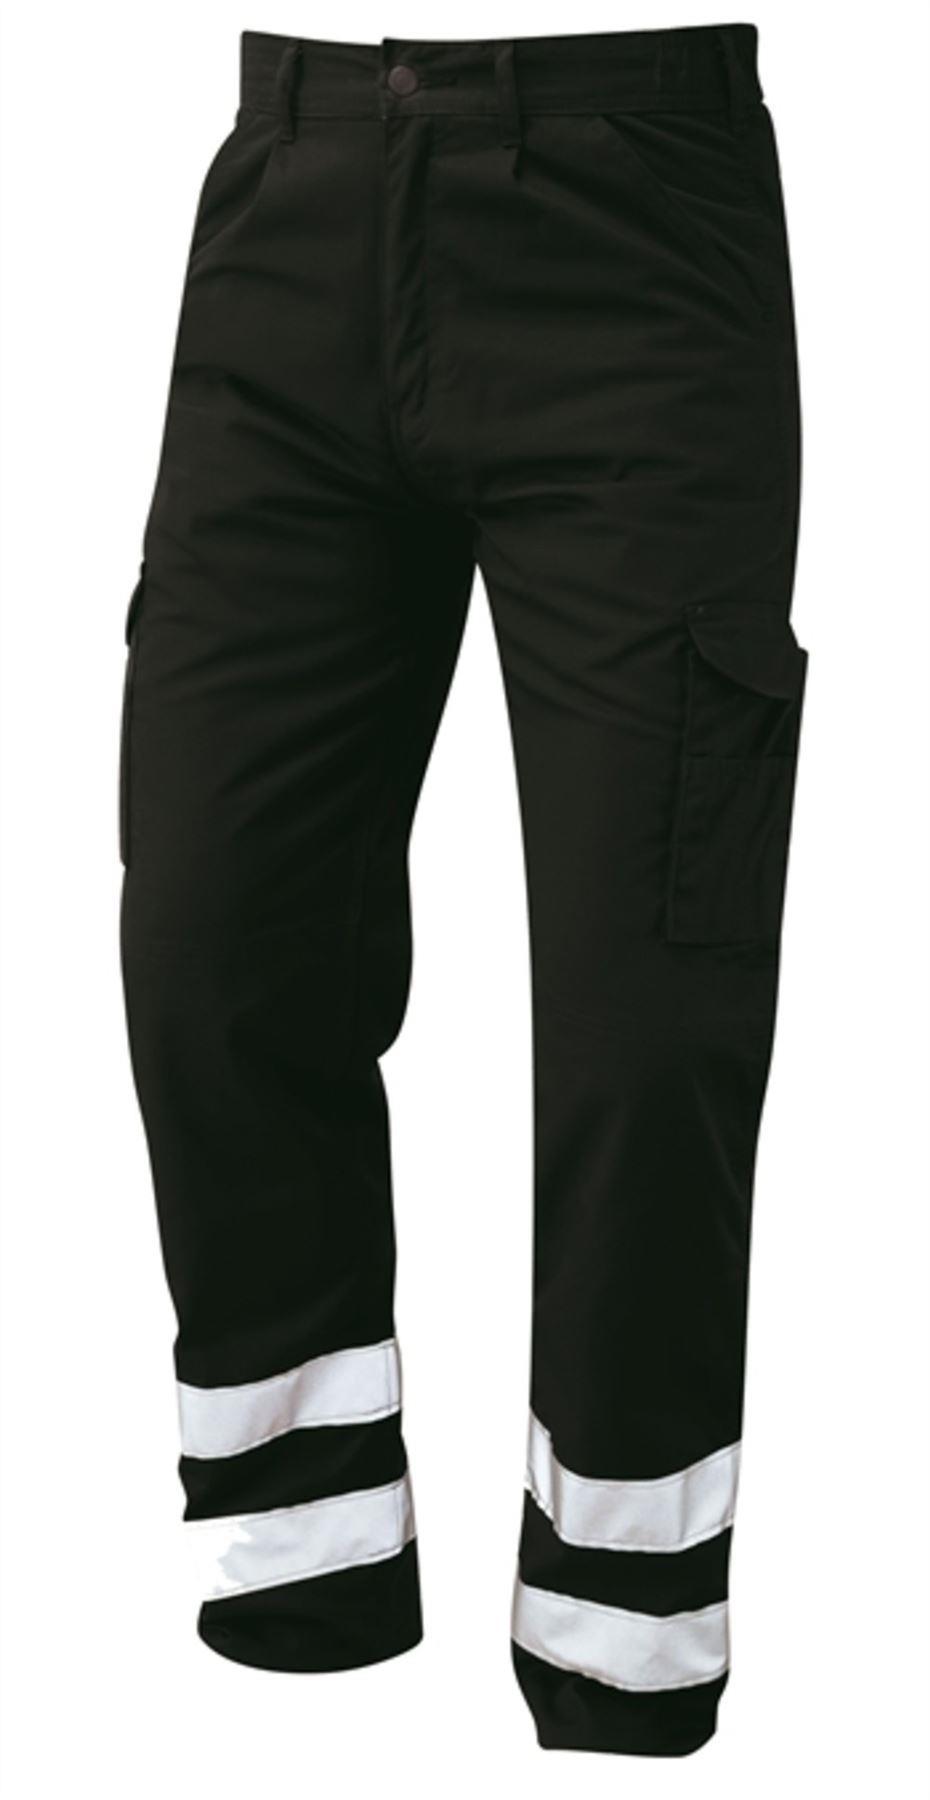 Orn Condor Hi Vis Kneepad Trousers - Black|42W32L